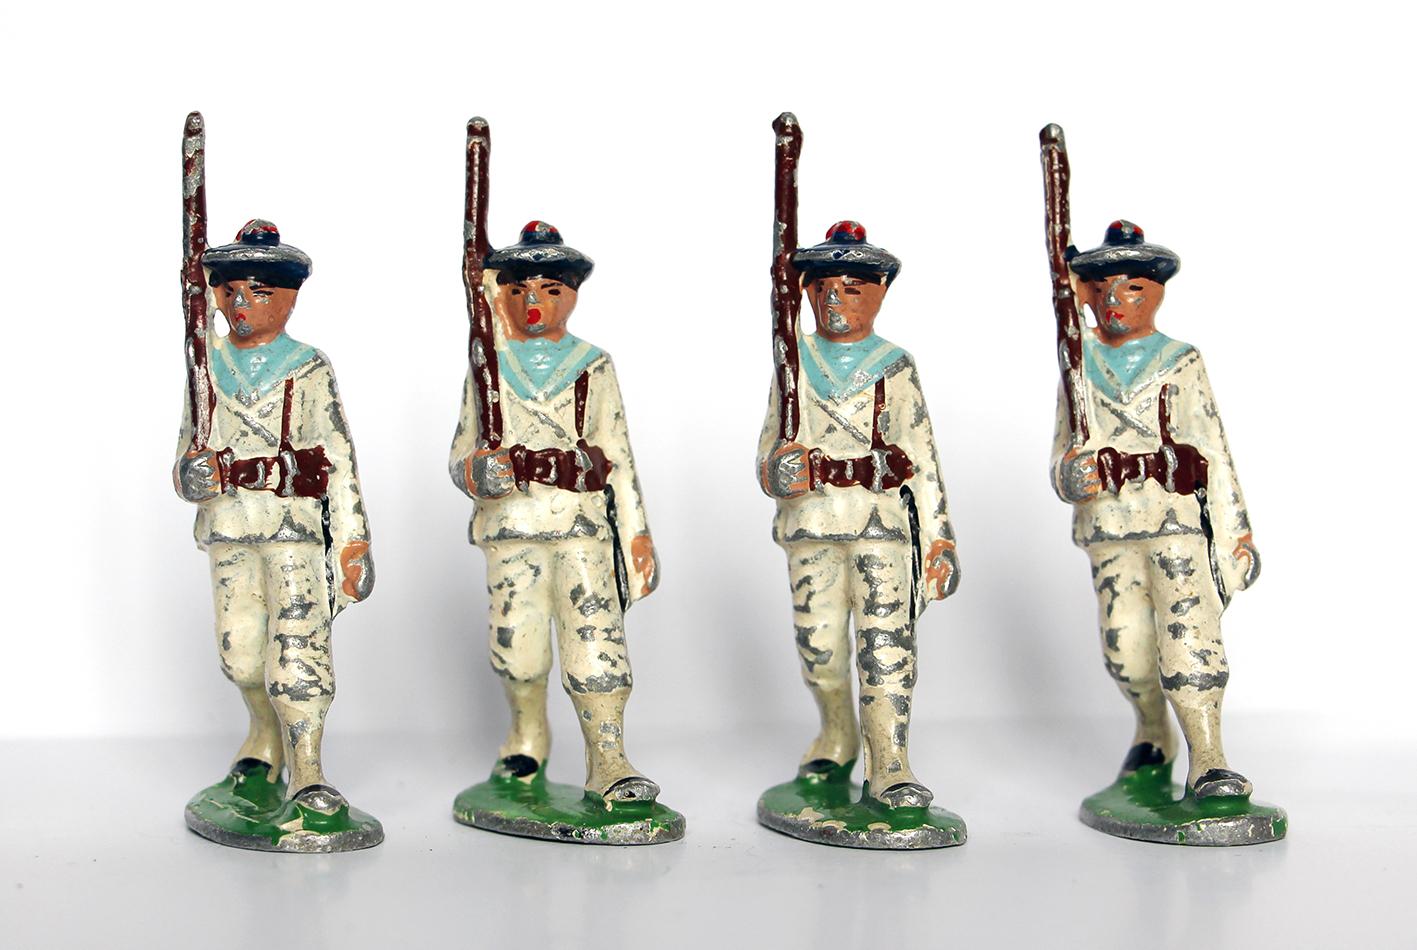 7 Anciennes Figurines Quiralu année 50/60 - Marine Française - Défilé Guerre